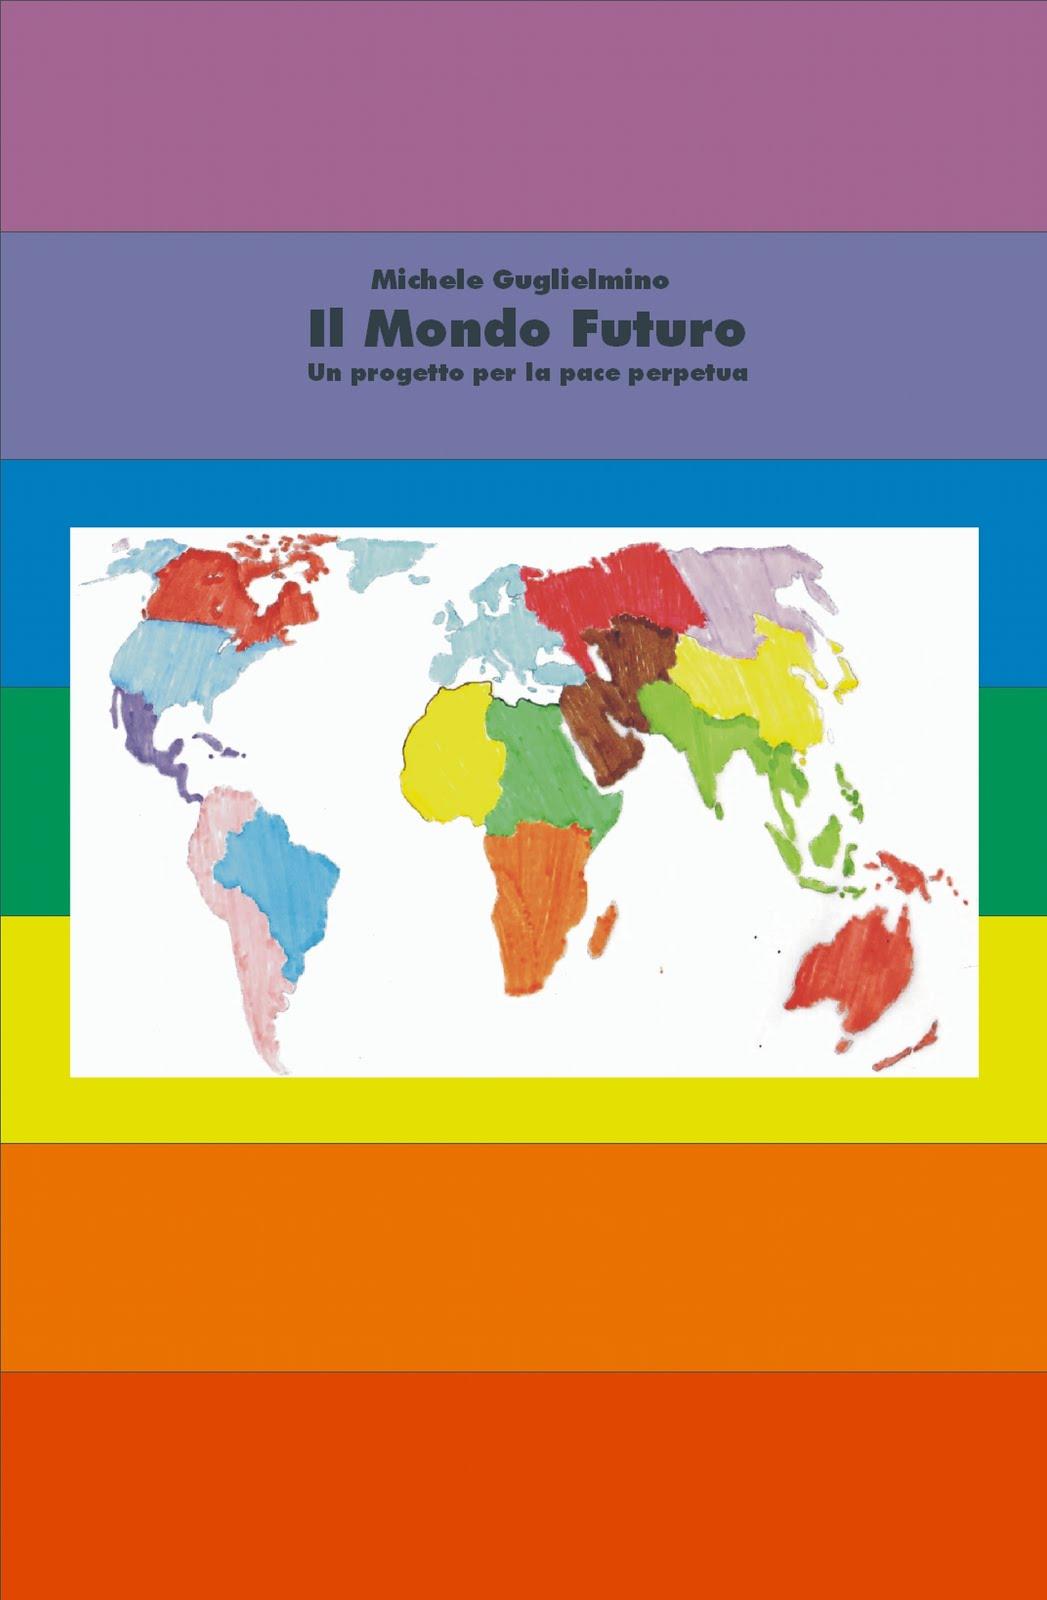 Il Mondo Futuro - Le Monde Futureze